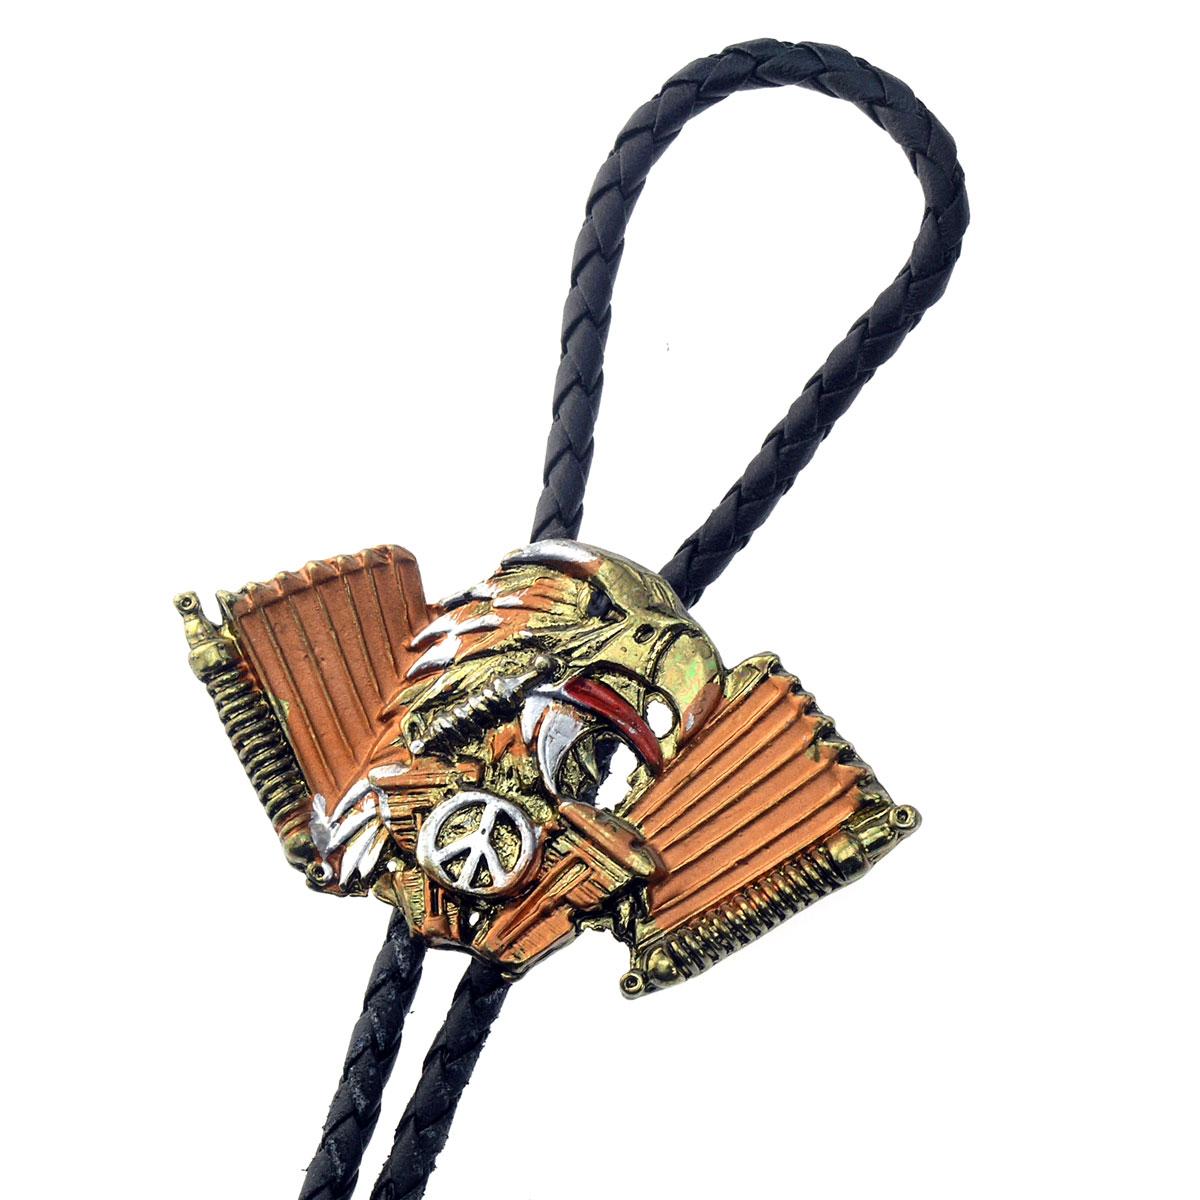 Bolo Tie Adler-Kopf, V-Twin & Peace-Symbol, Bolotie, Western Krawatte